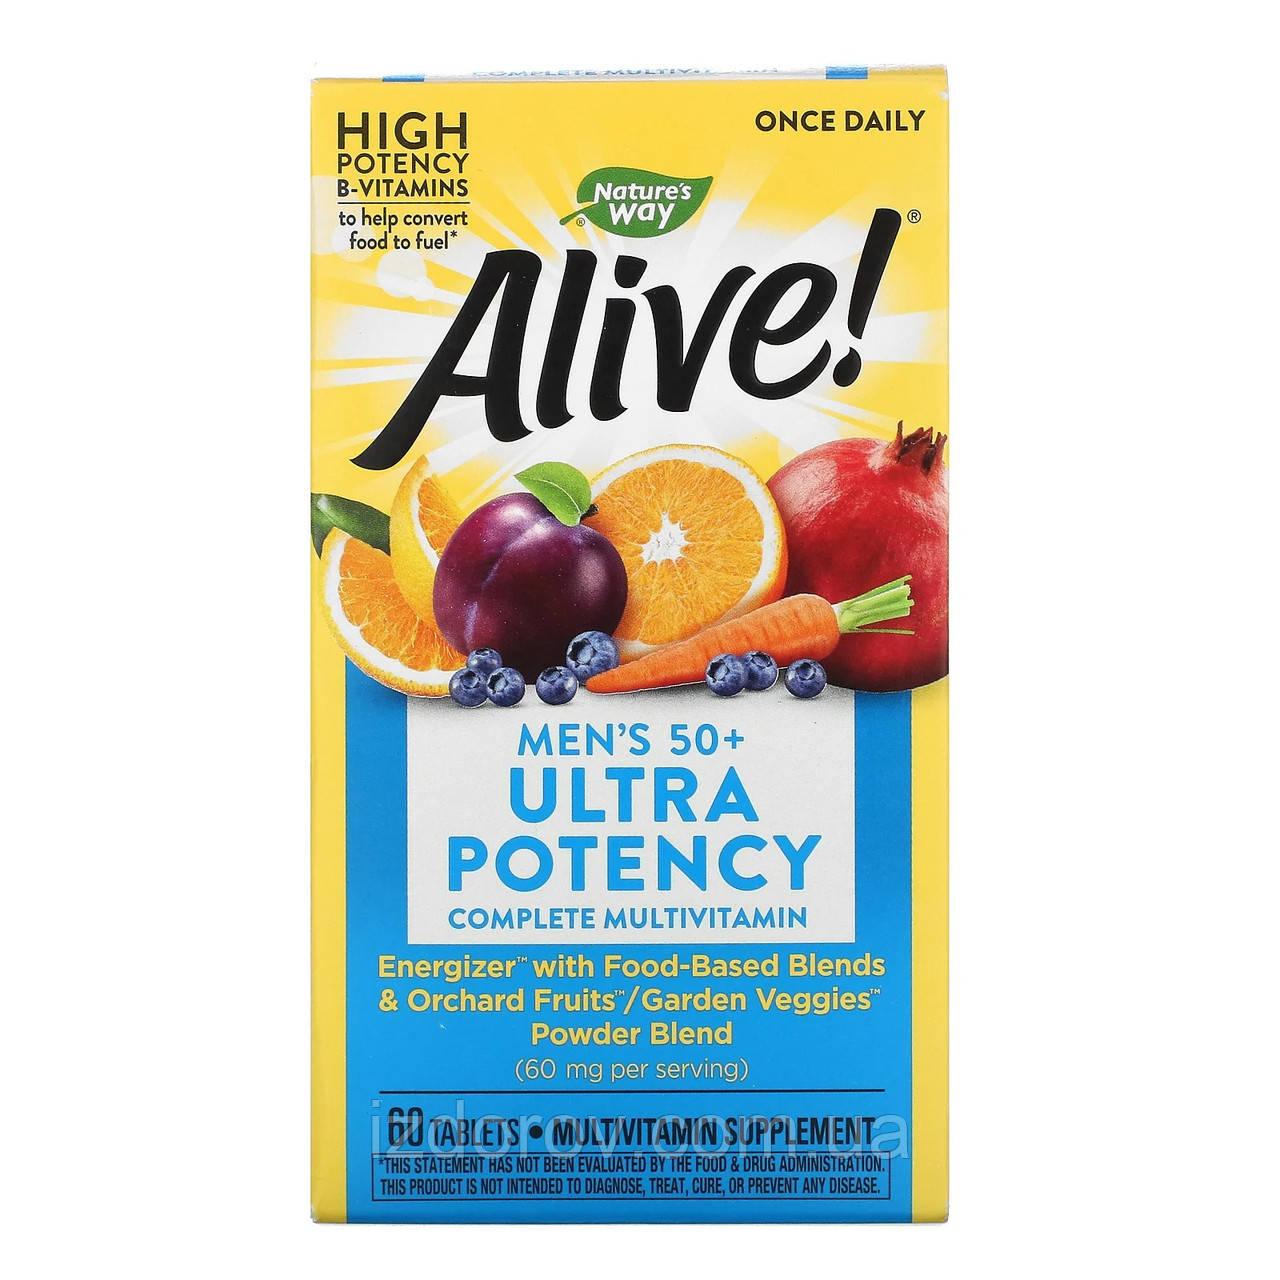 Nature's Way, Alive! Once Daily, Мультивітаміни для чоловіків 50+, 60 таблеток